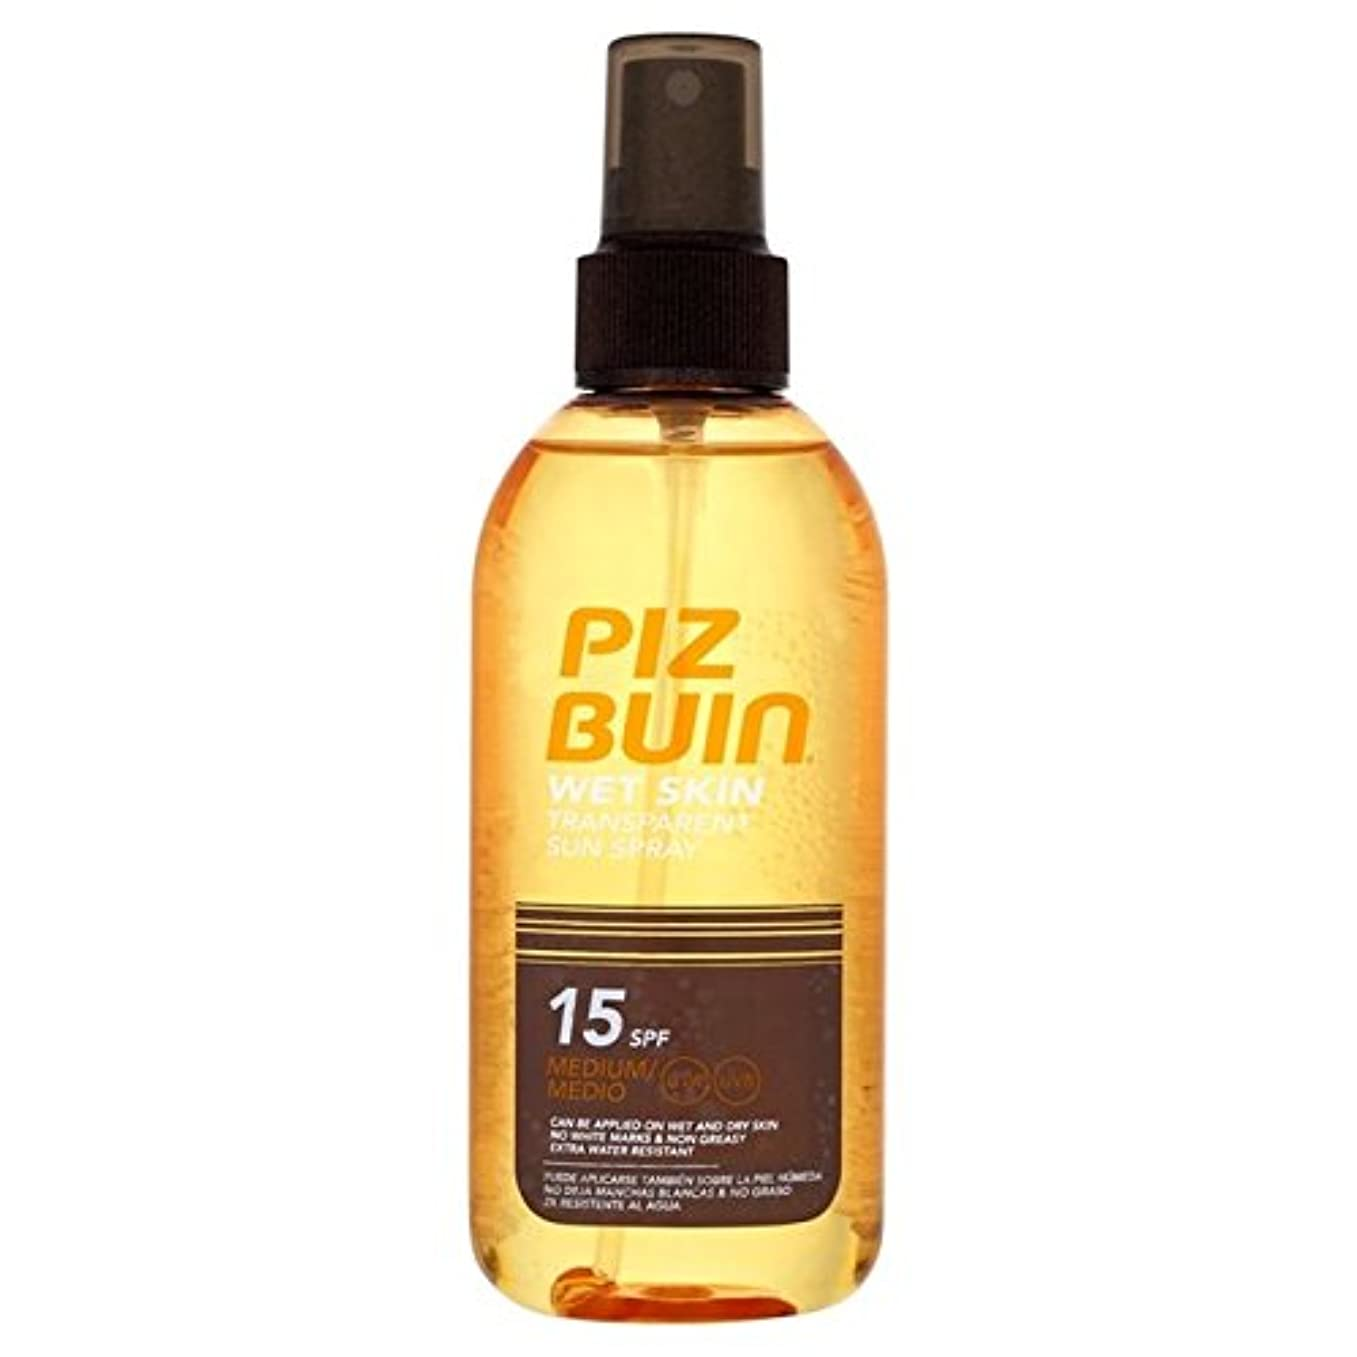 病気規模縮れたPiz Buin Wet Transparent Skin SPF15 150ml - ピッツブーインの湿った透明肌15の150ミリリットル [並行輸入品]